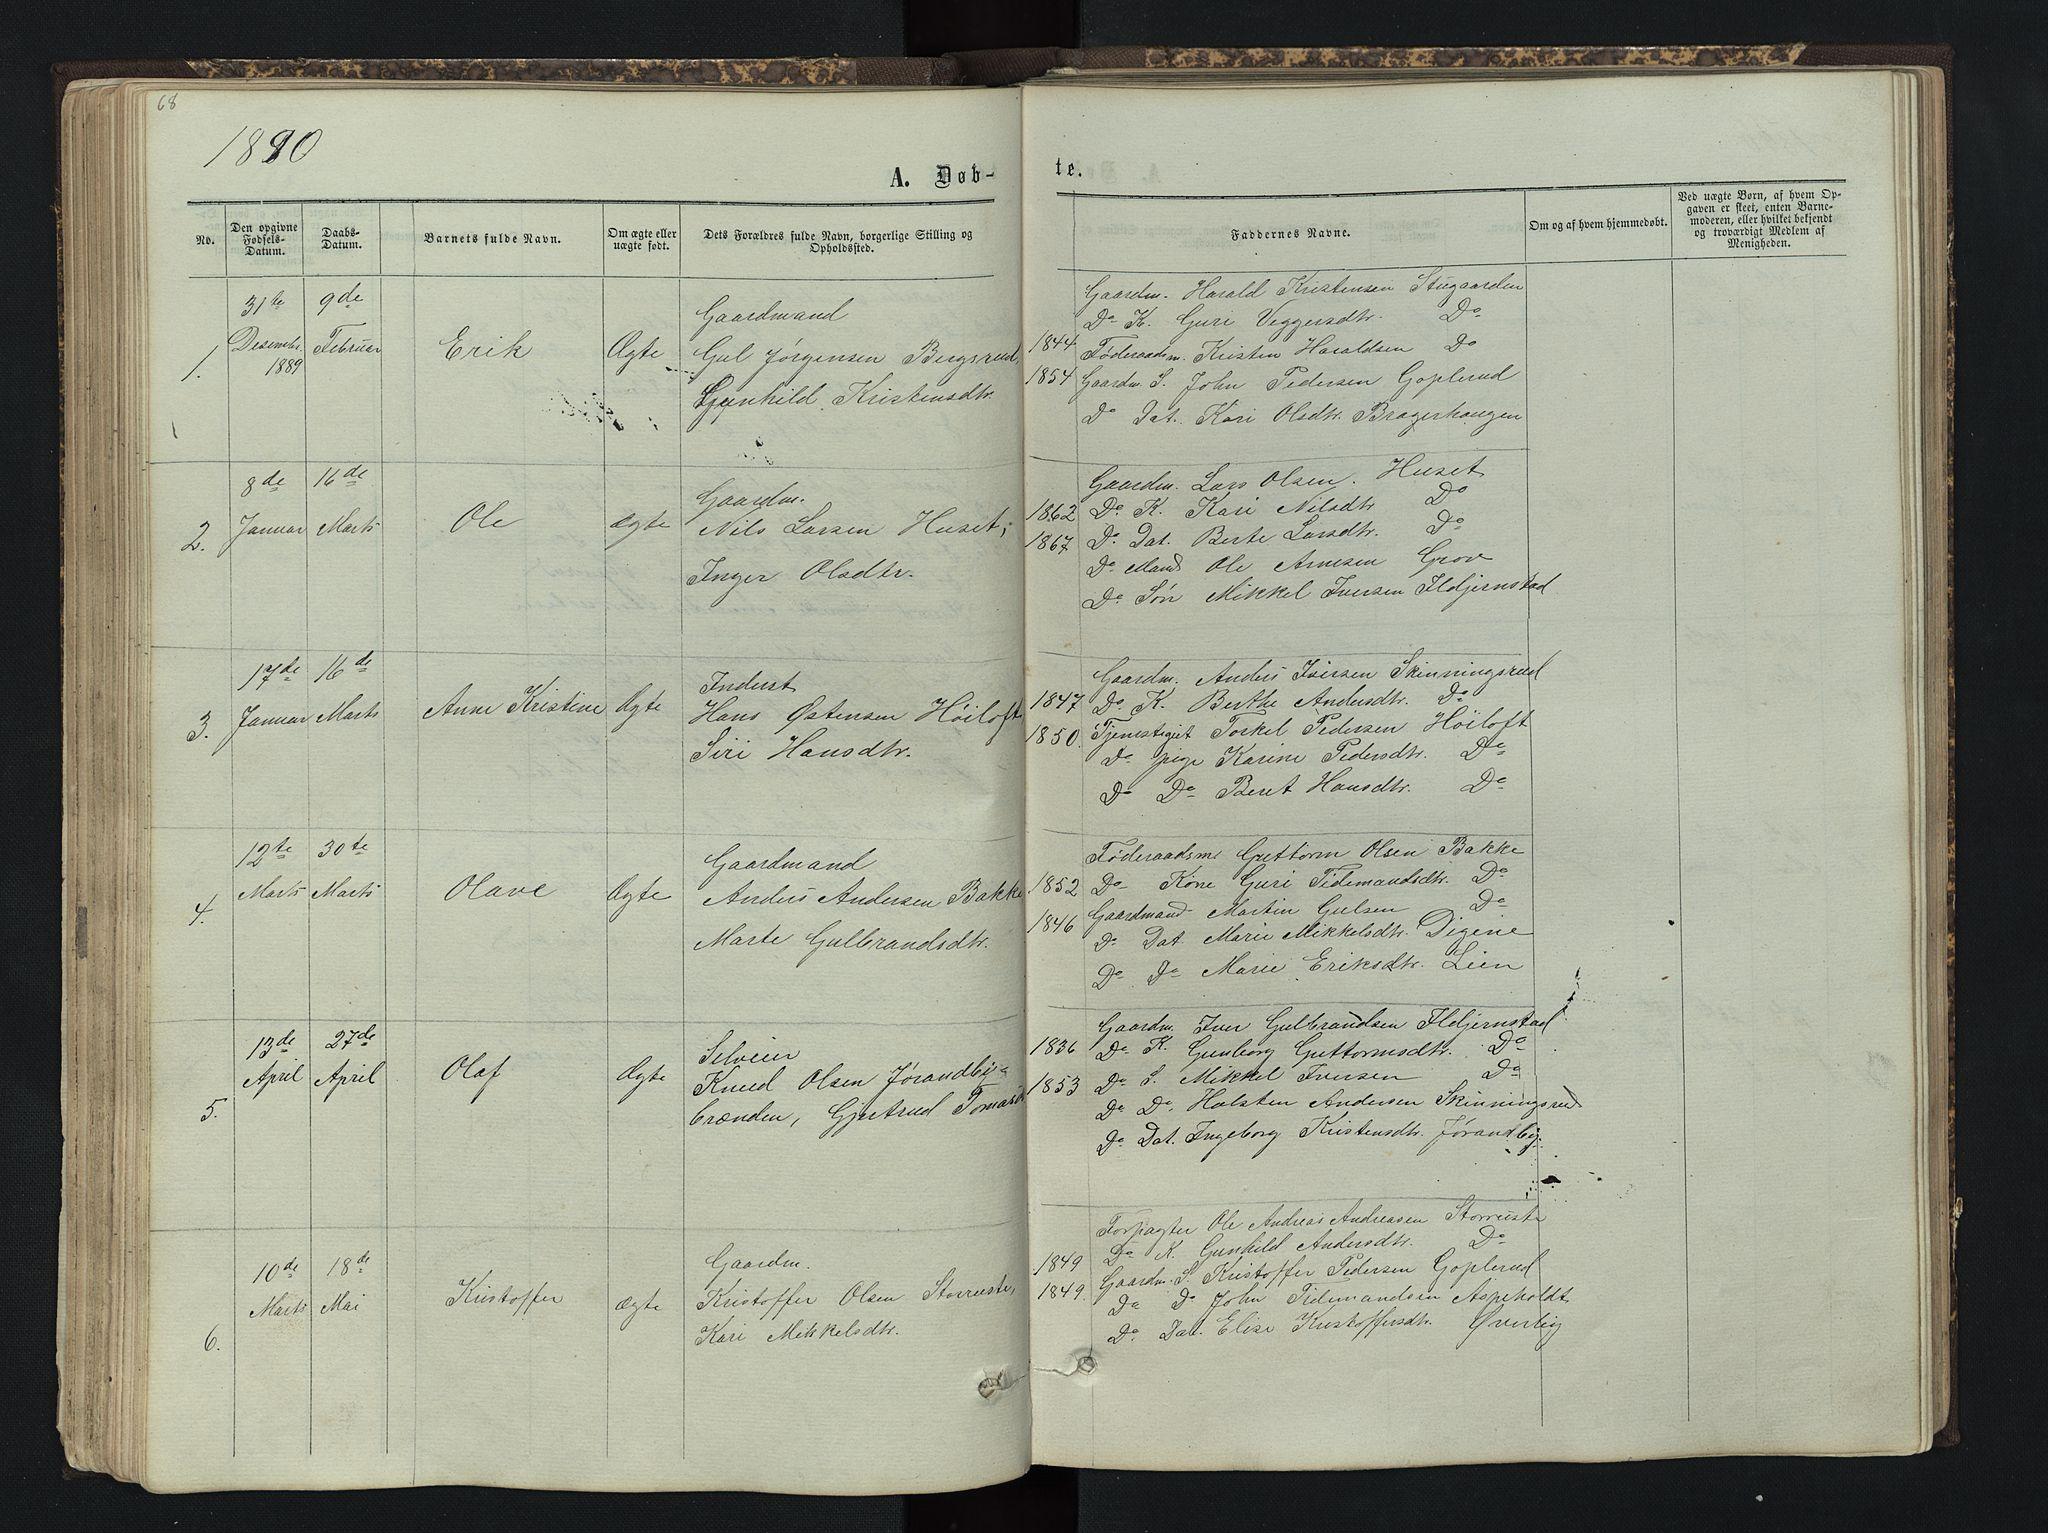 SAH, Sør-Aurdal prestekontor, Klokkerbok nr. 4, 1865-1893, s. 68